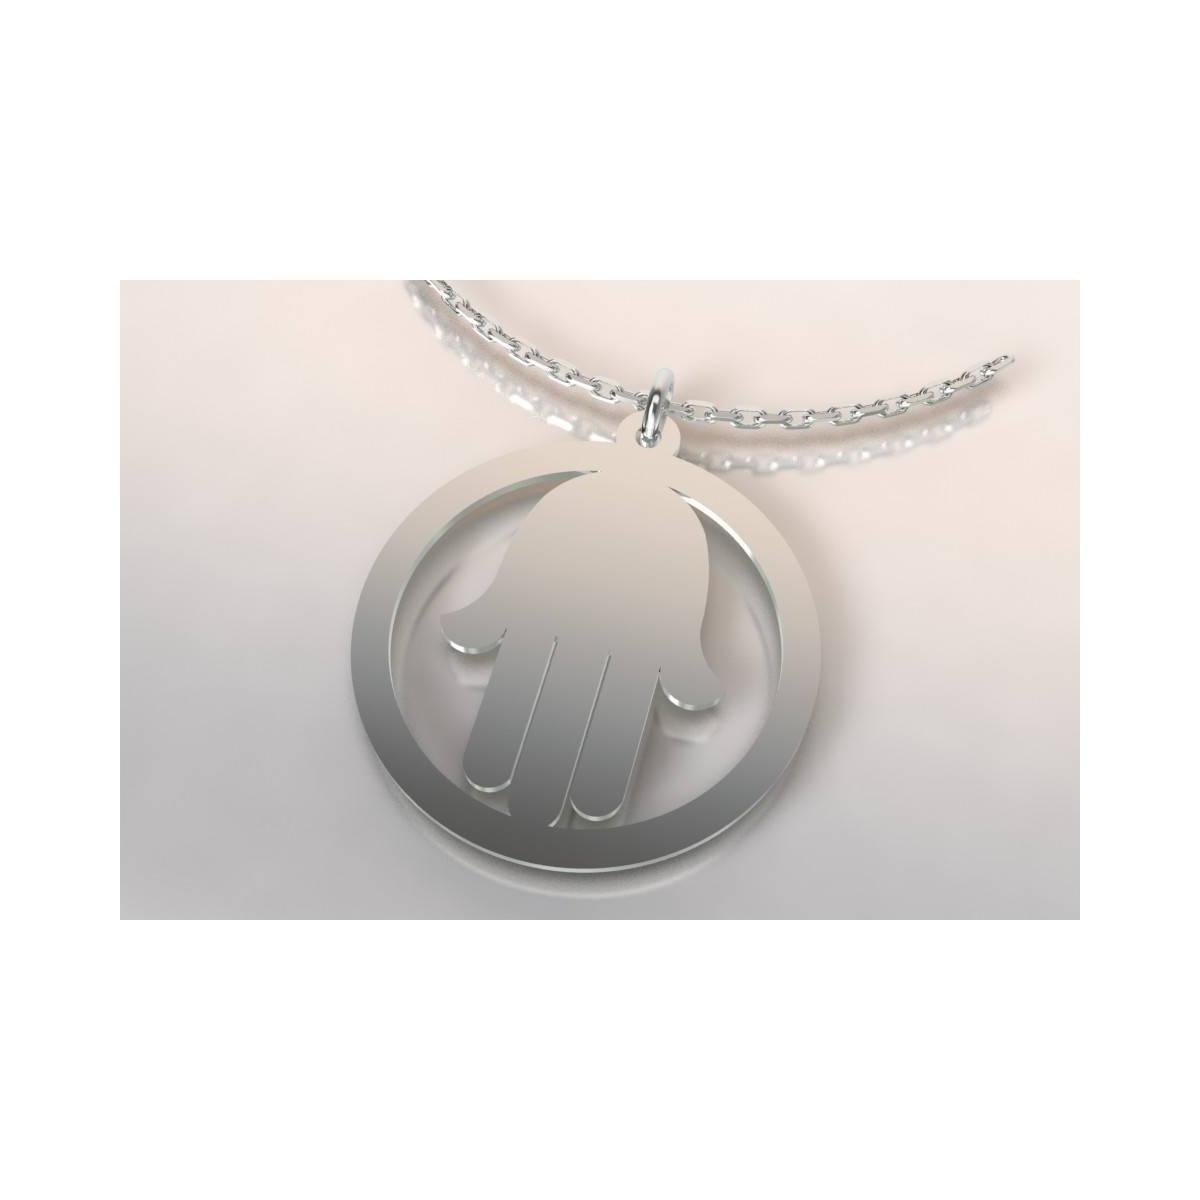 collier de cr ateur en argent original pour femme avec motif main. Black Bedroom Furniture Sets. Home Design Ideas